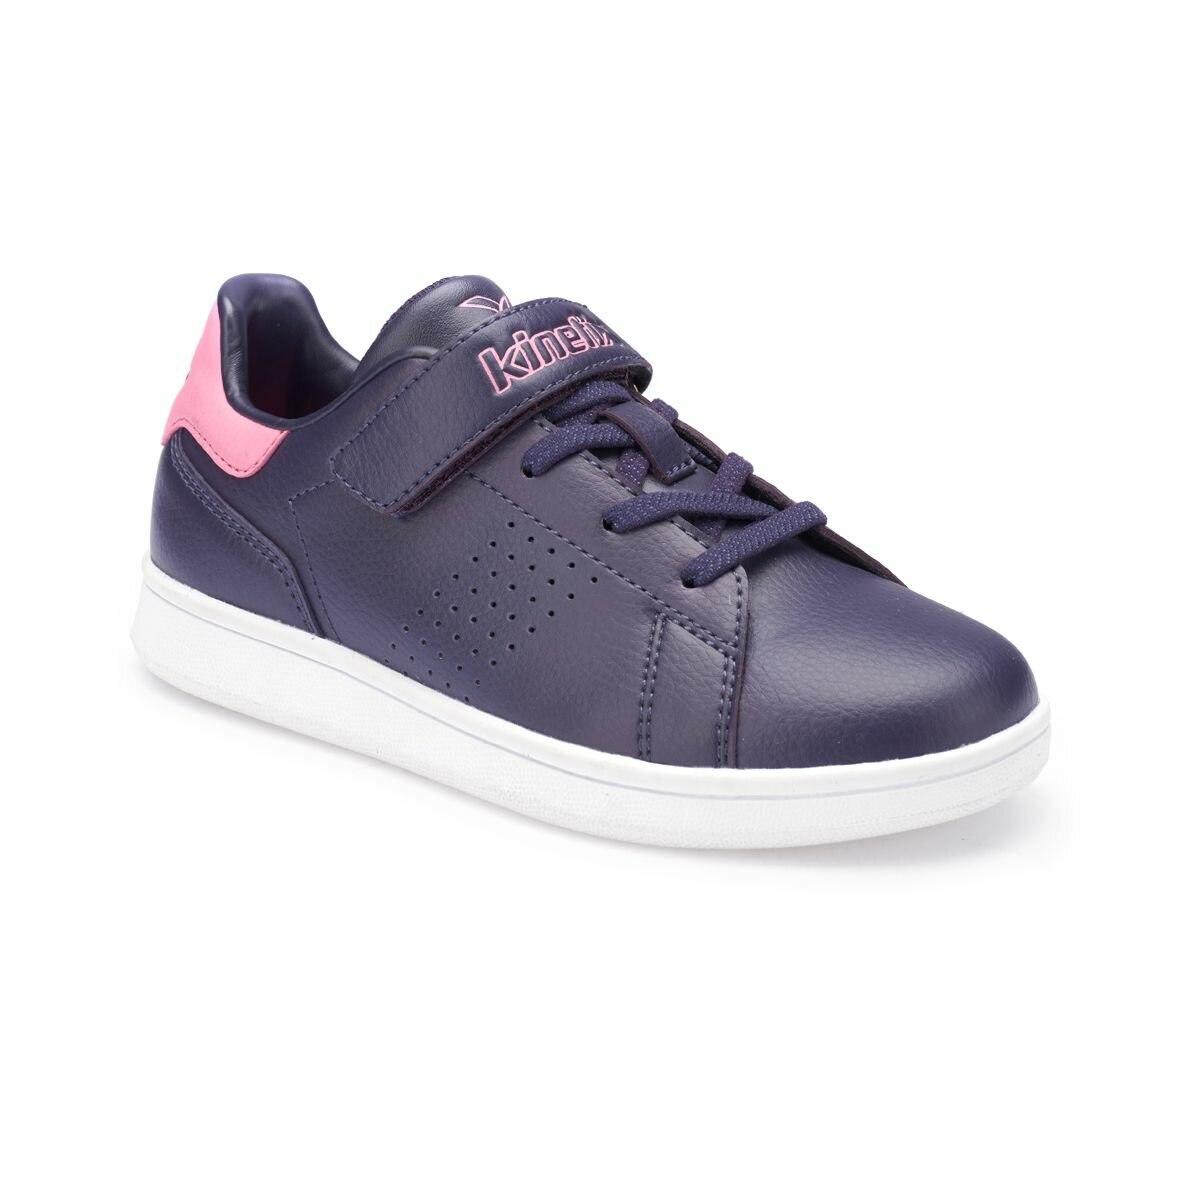 FLO PLAIN J Purple Female Child Sneaker Shoes KINETIX